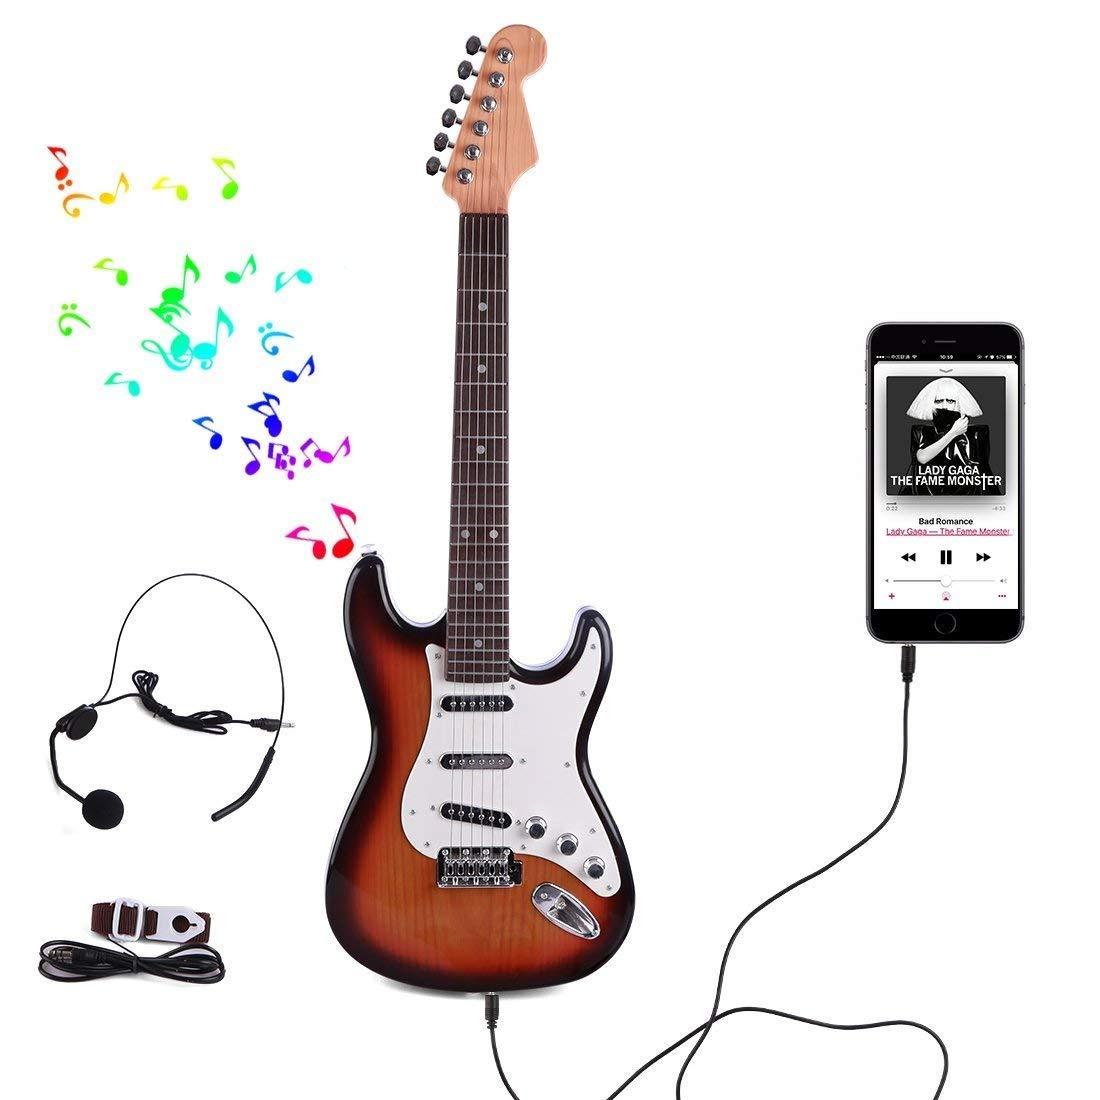 YIY Classic Cavo di 6/Corde Rap//Can Play Musica Chitarra elettrica per Bambini per Bambini 3/ /12/Anni